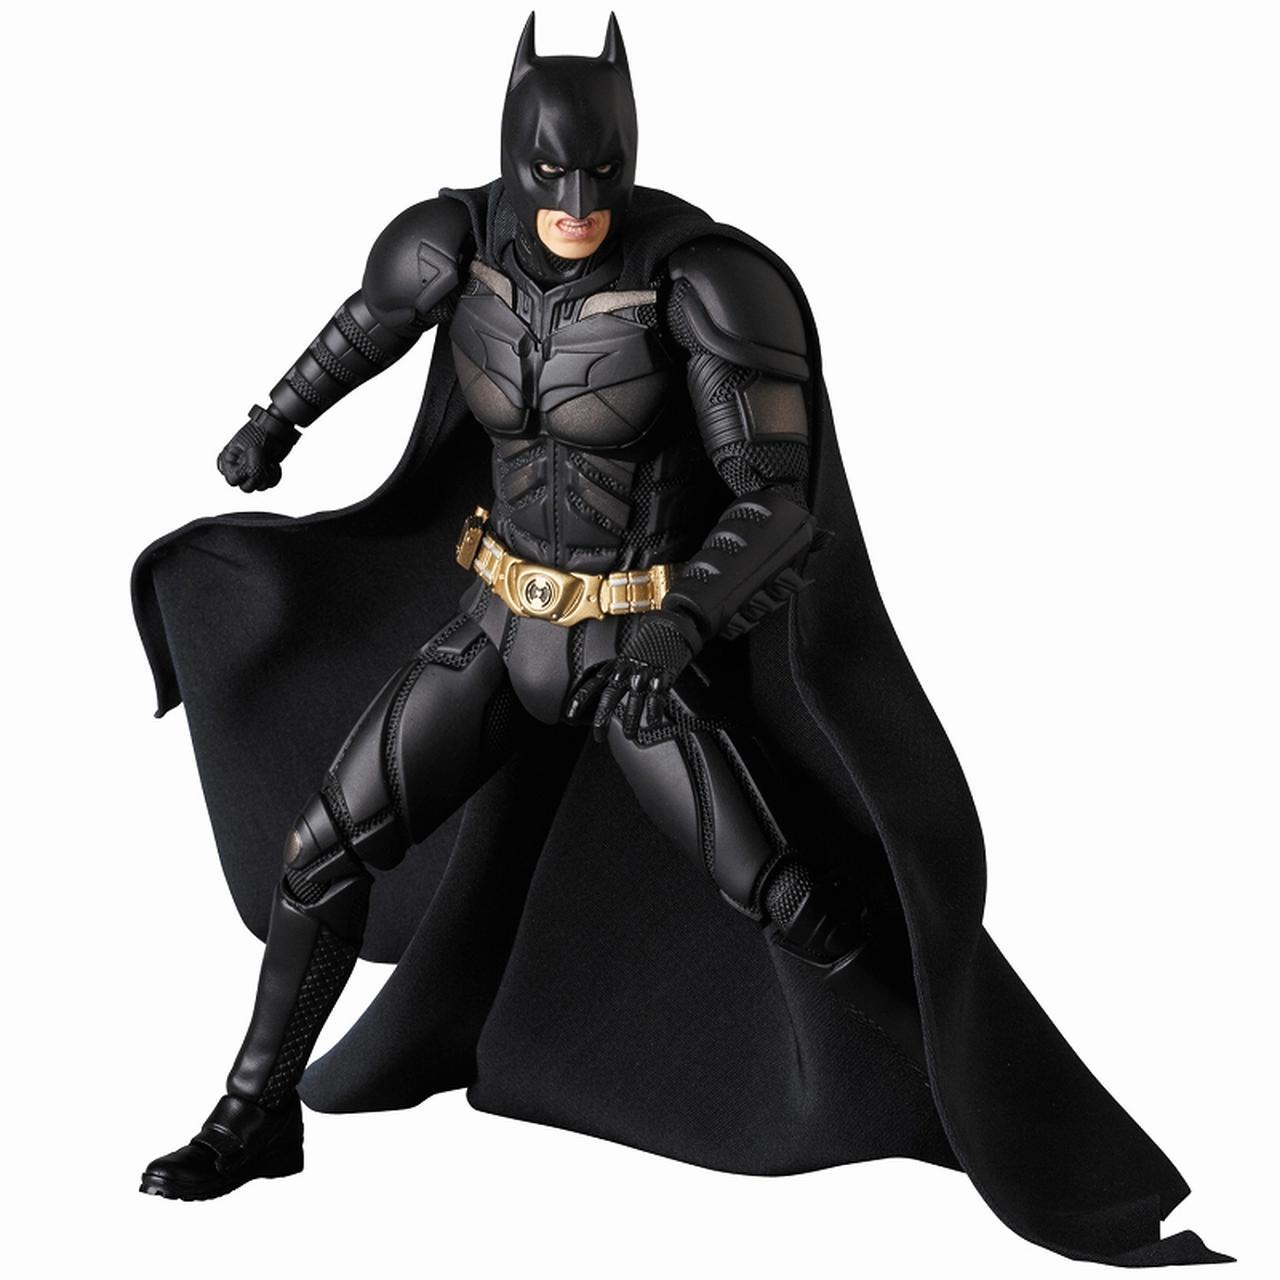 画像1: 『ダークナイト』でクリスチャン・ベールが演じたバットマンのディテールにこだわったフィギュアが登場!